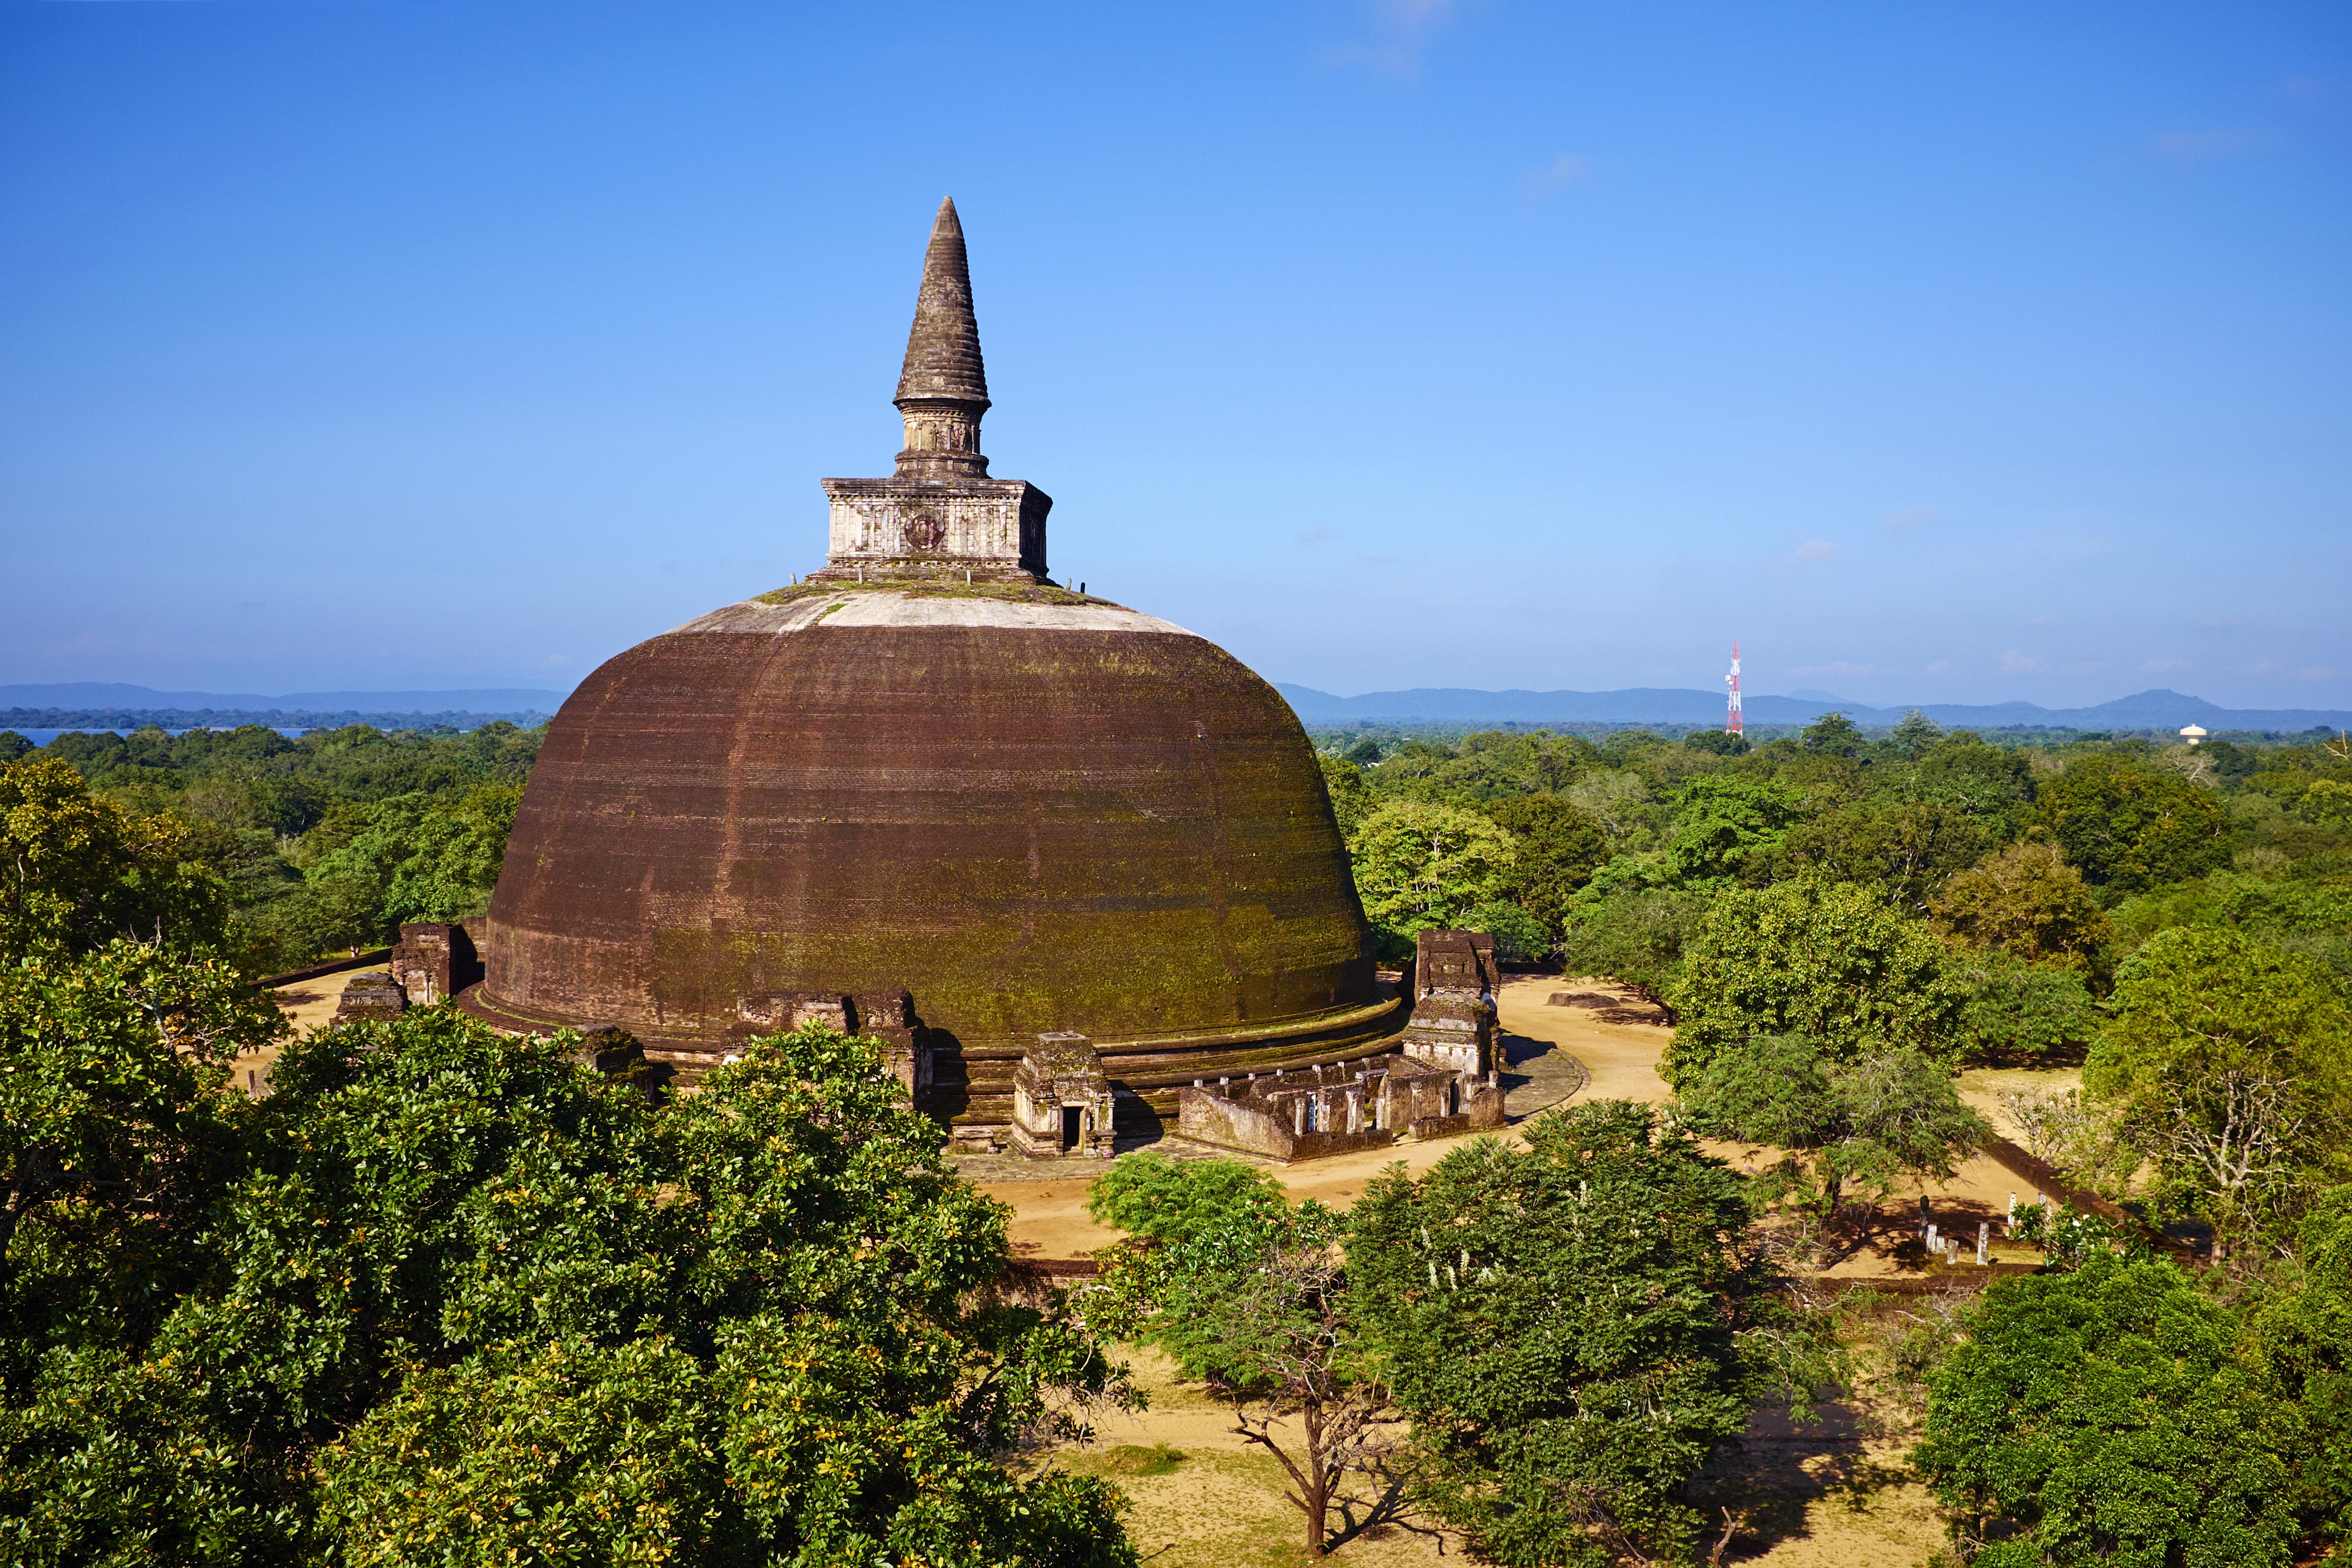 Sri Lanka, Polonnaruwa, Rankot vihara